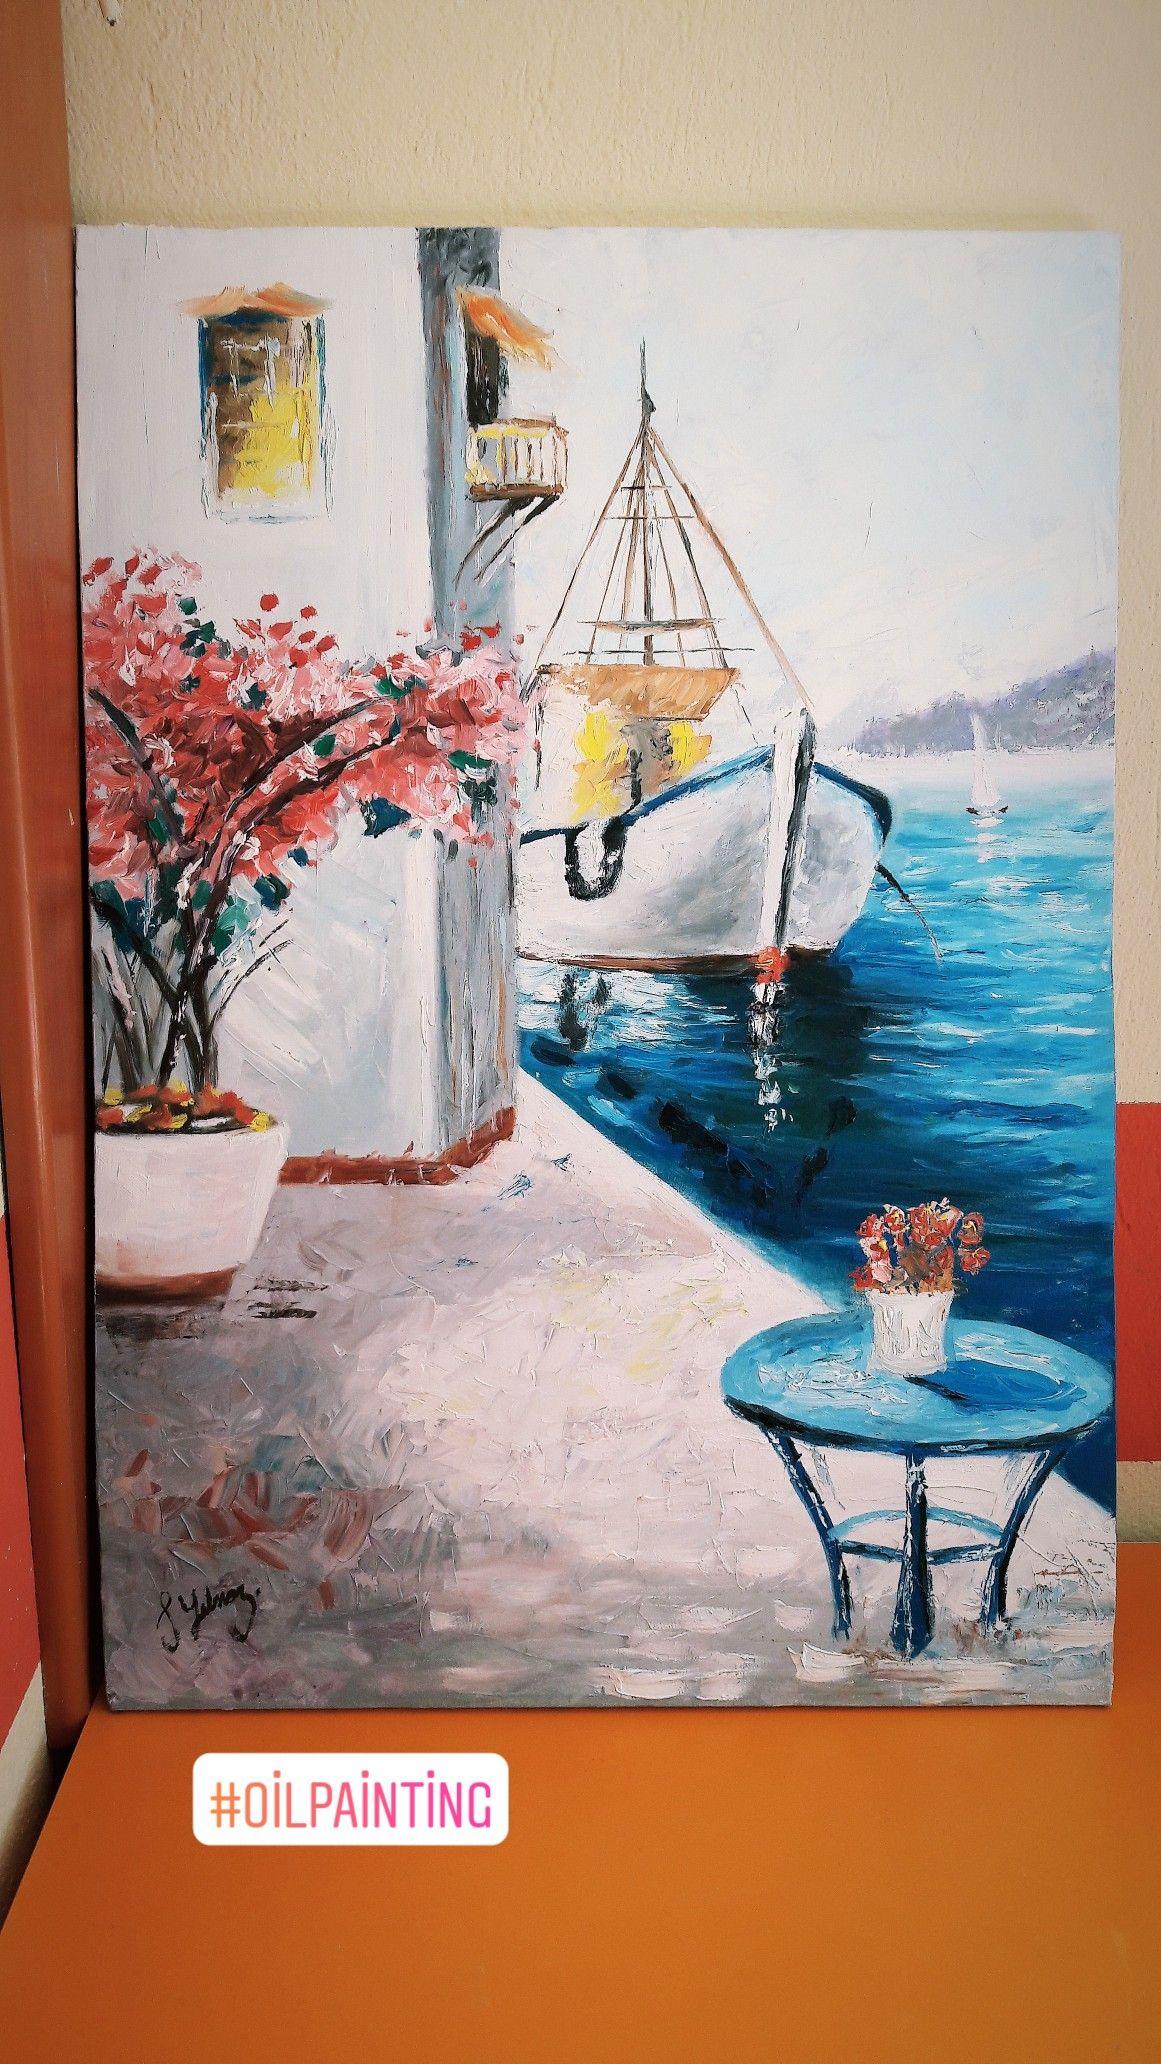 Manzara Art Oilpainting Manzararesimleri Yagliboya Sanatsal Sanat 50 70 Tuval Yagli Boya Cali Tuval Resimleri Tuval Sanati Sanat Terapisi